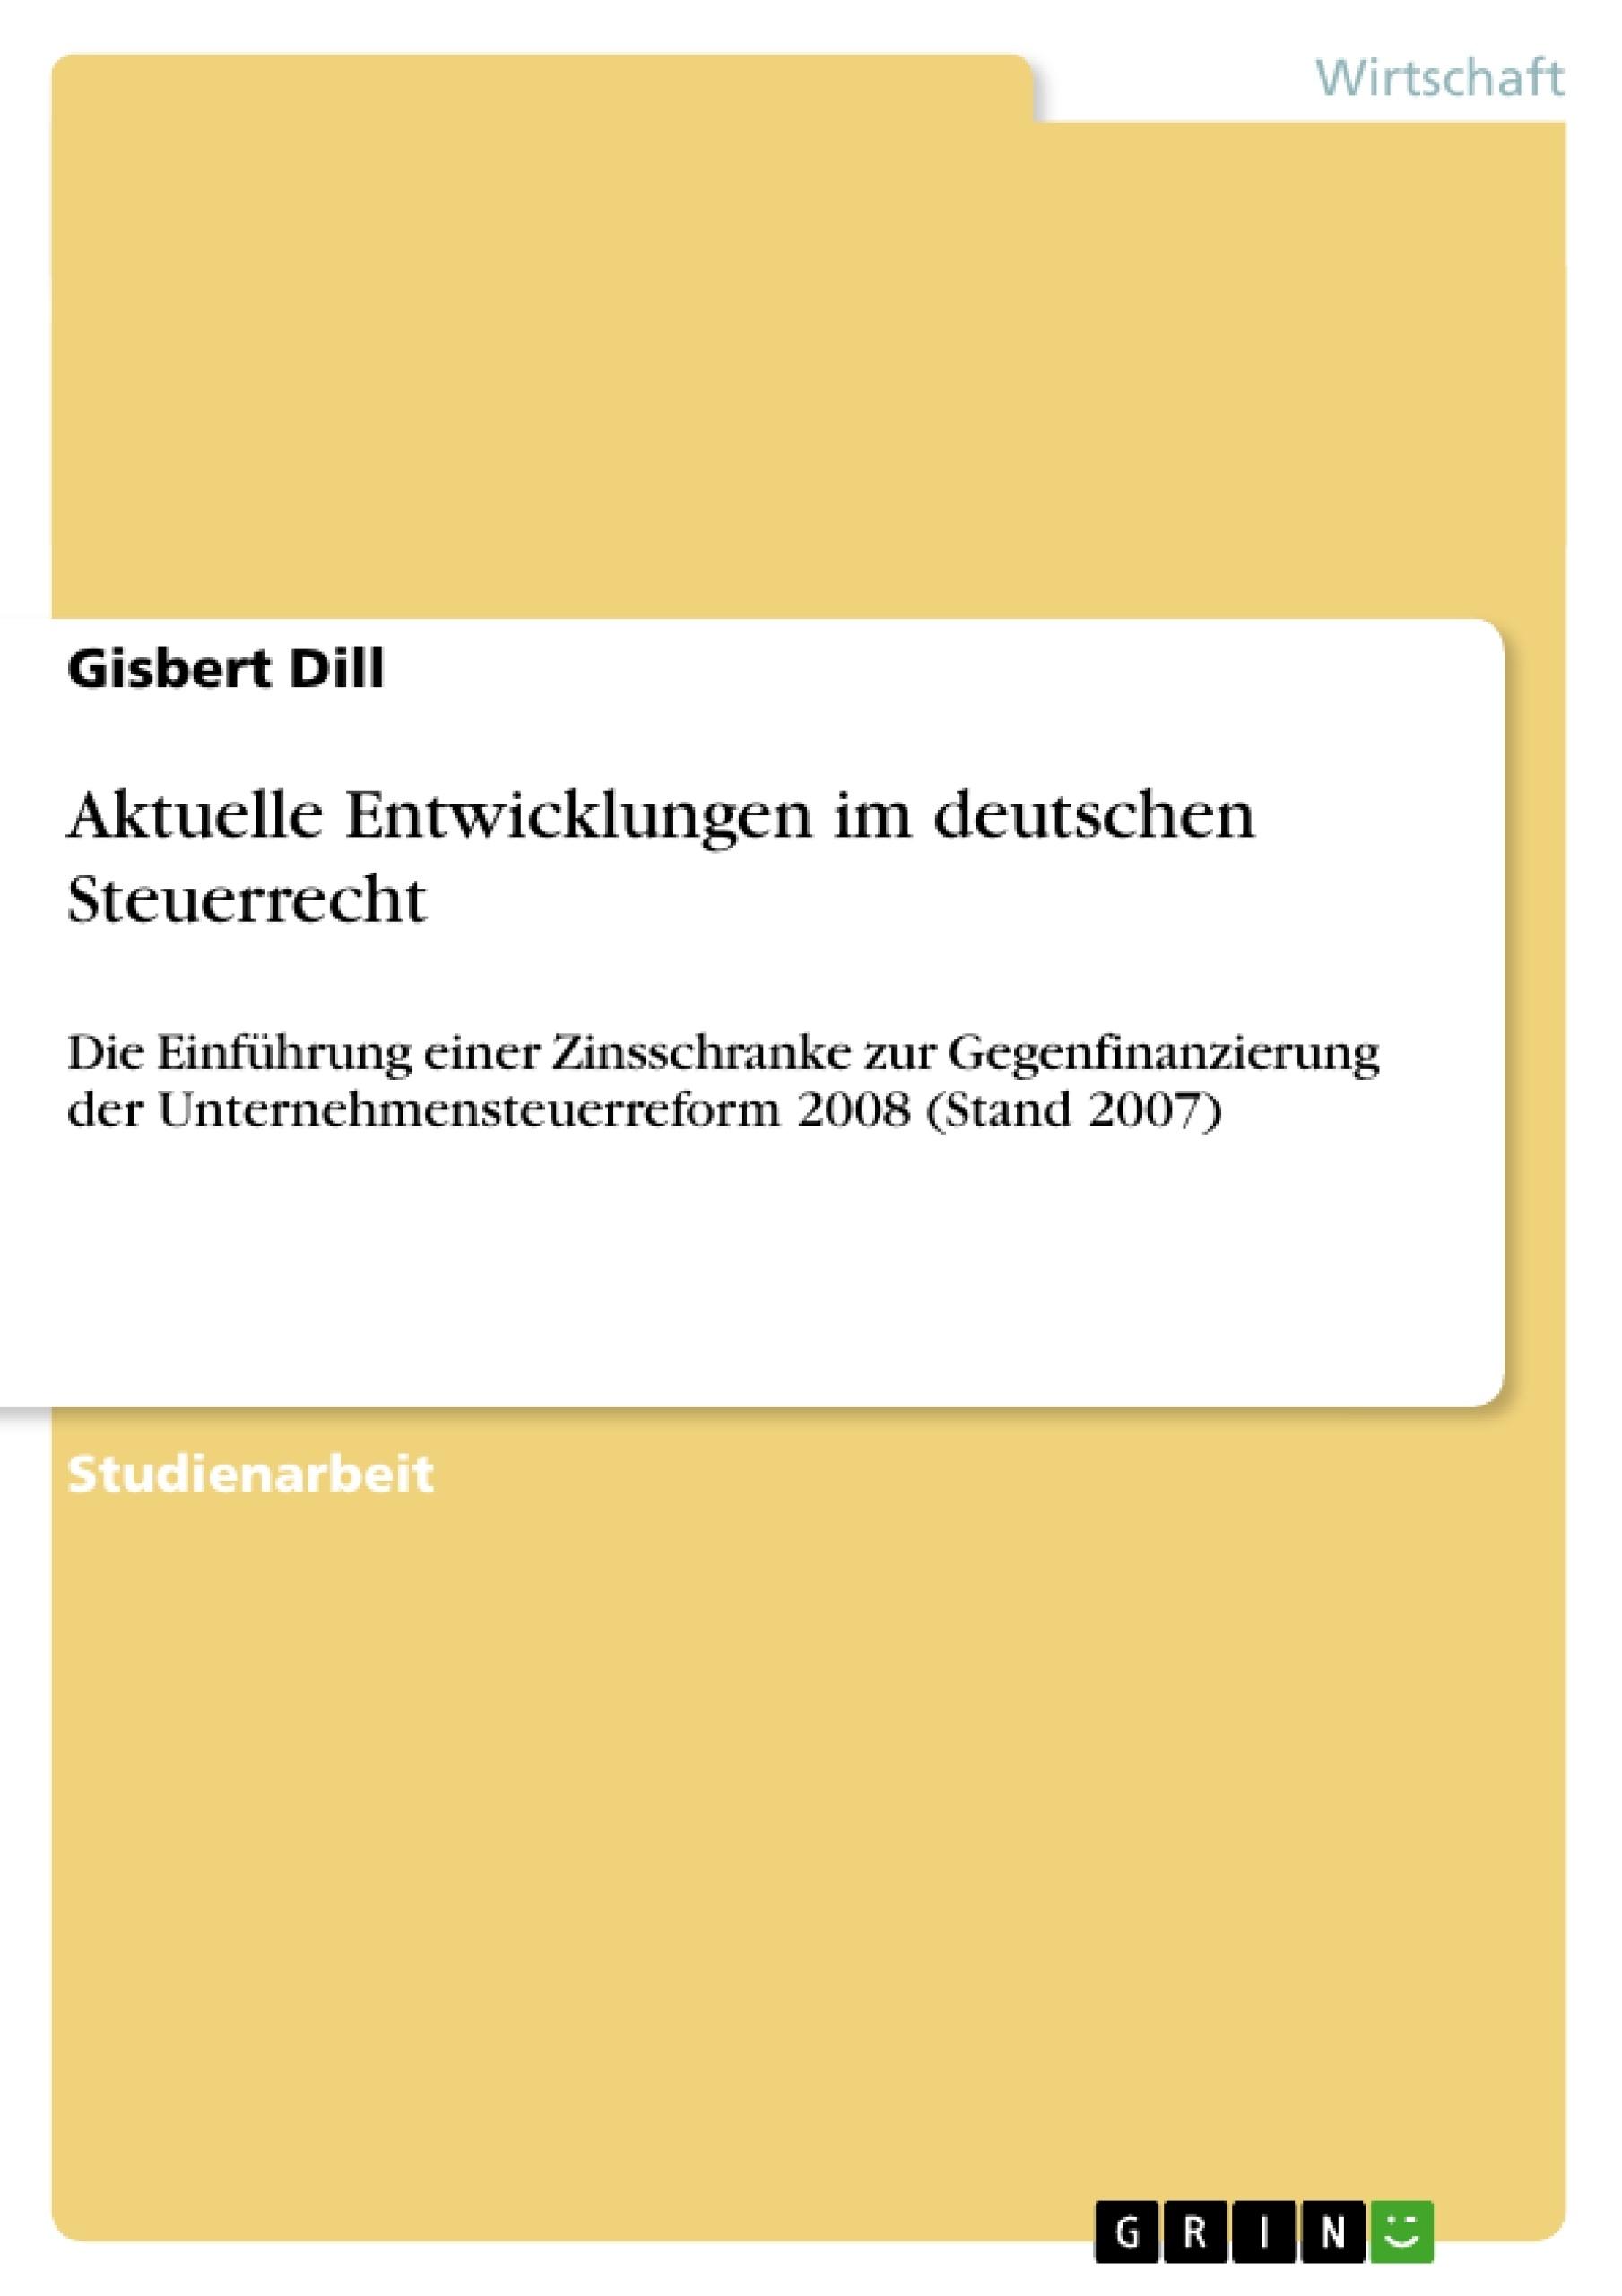 Titel: Aktuelle Entwicklungen im deutschen Steuerrecht